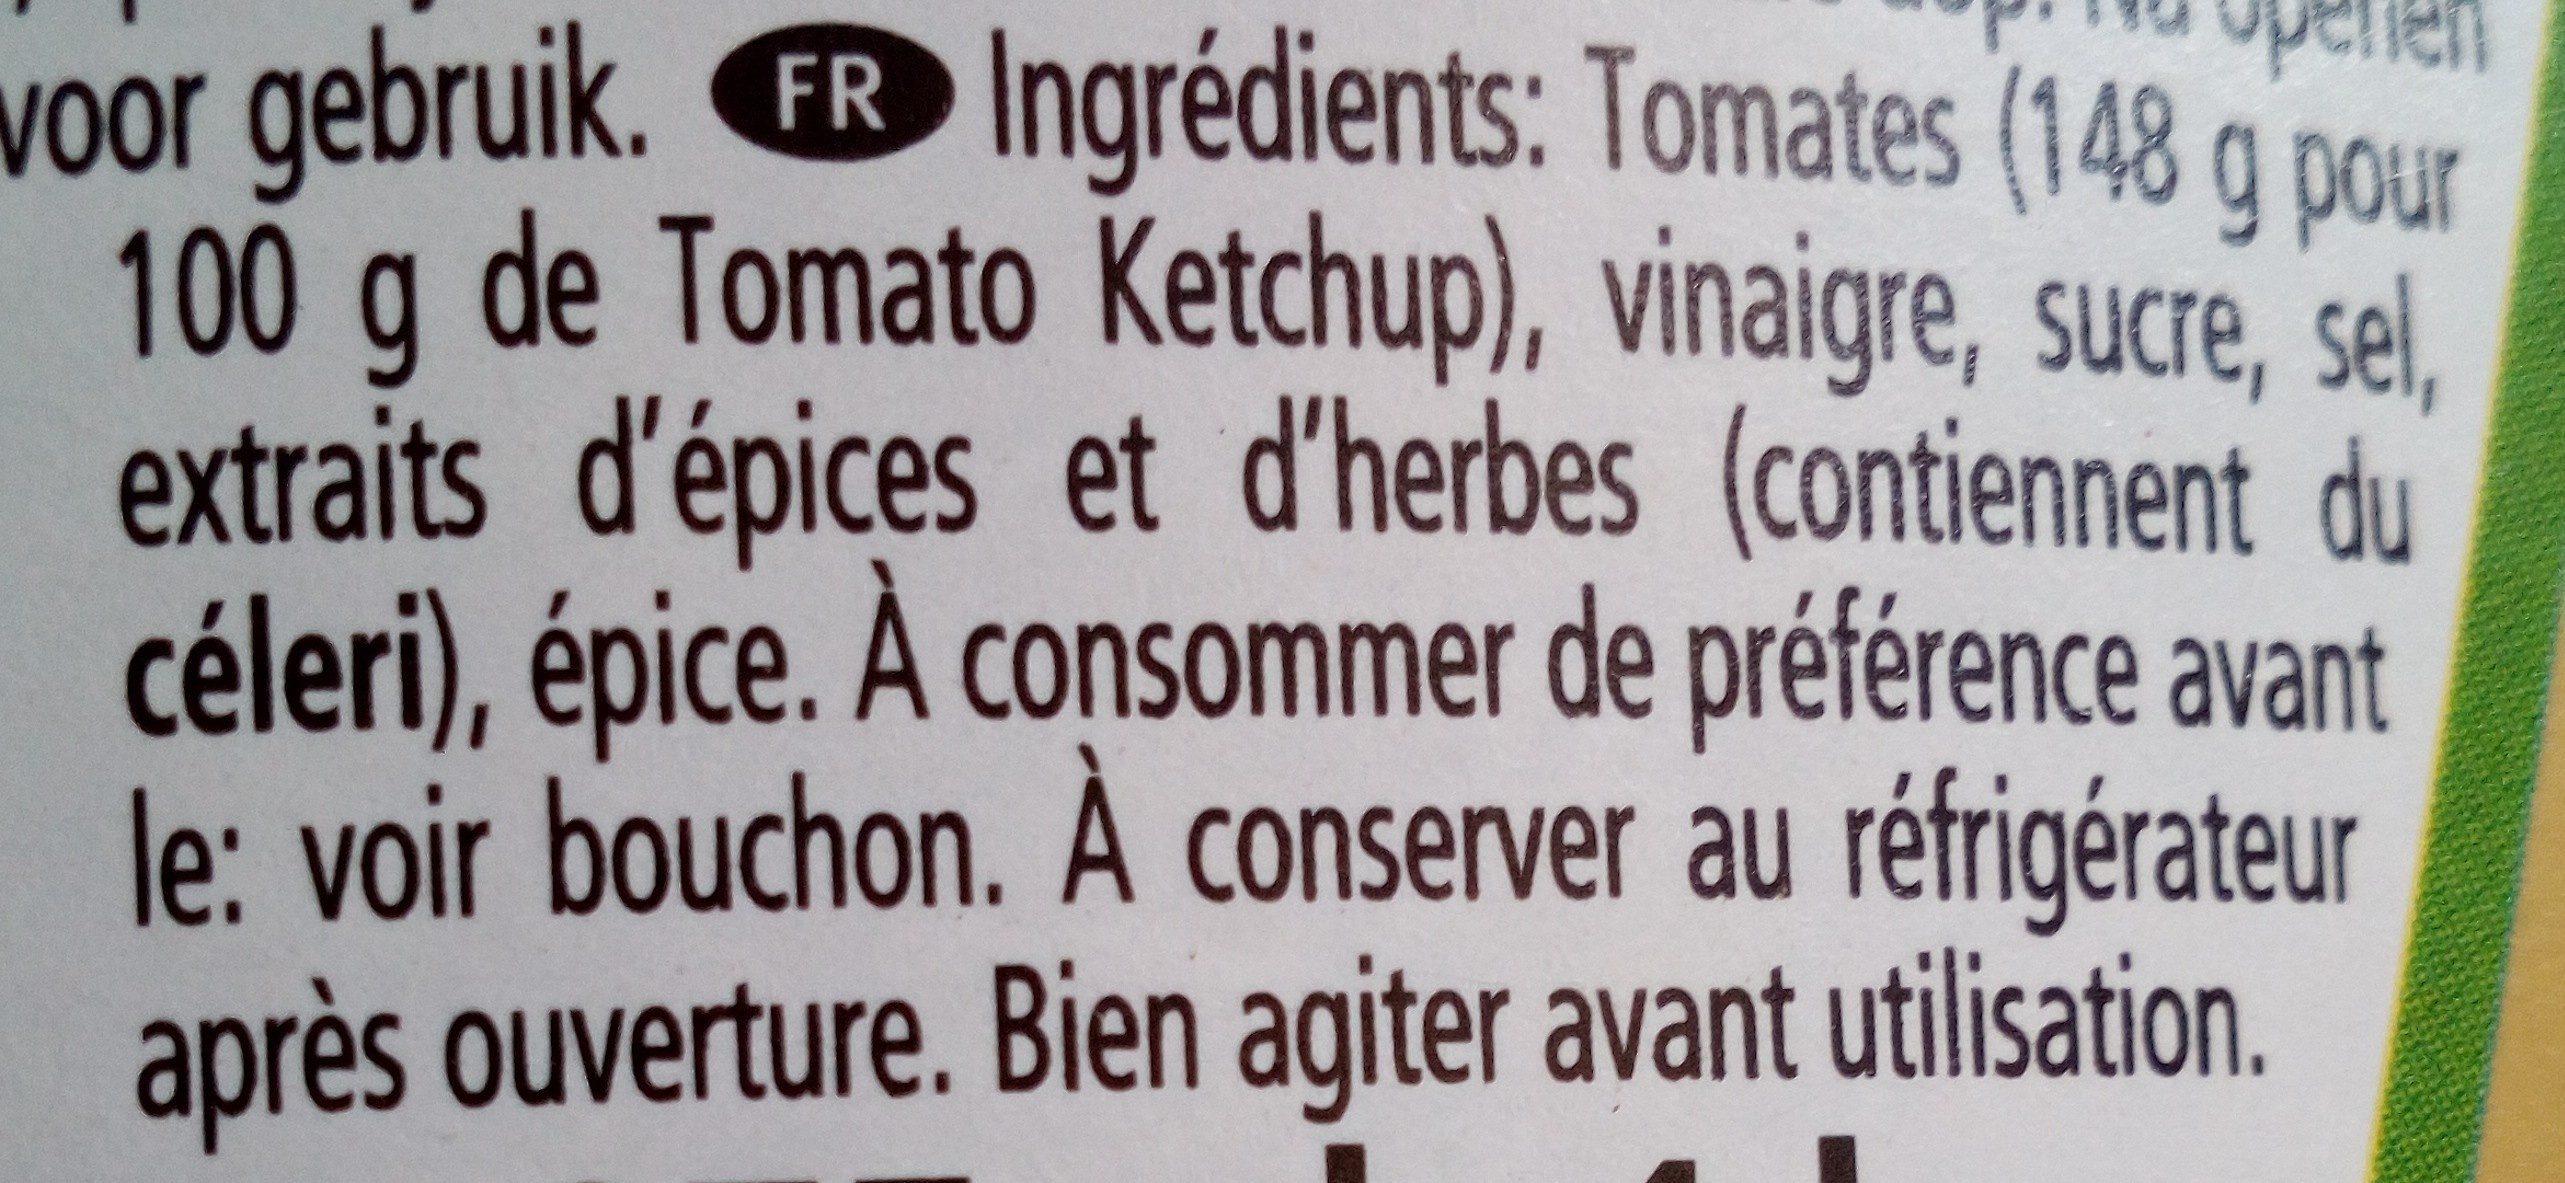 Ketchup 1000g - Ingredienser - fr